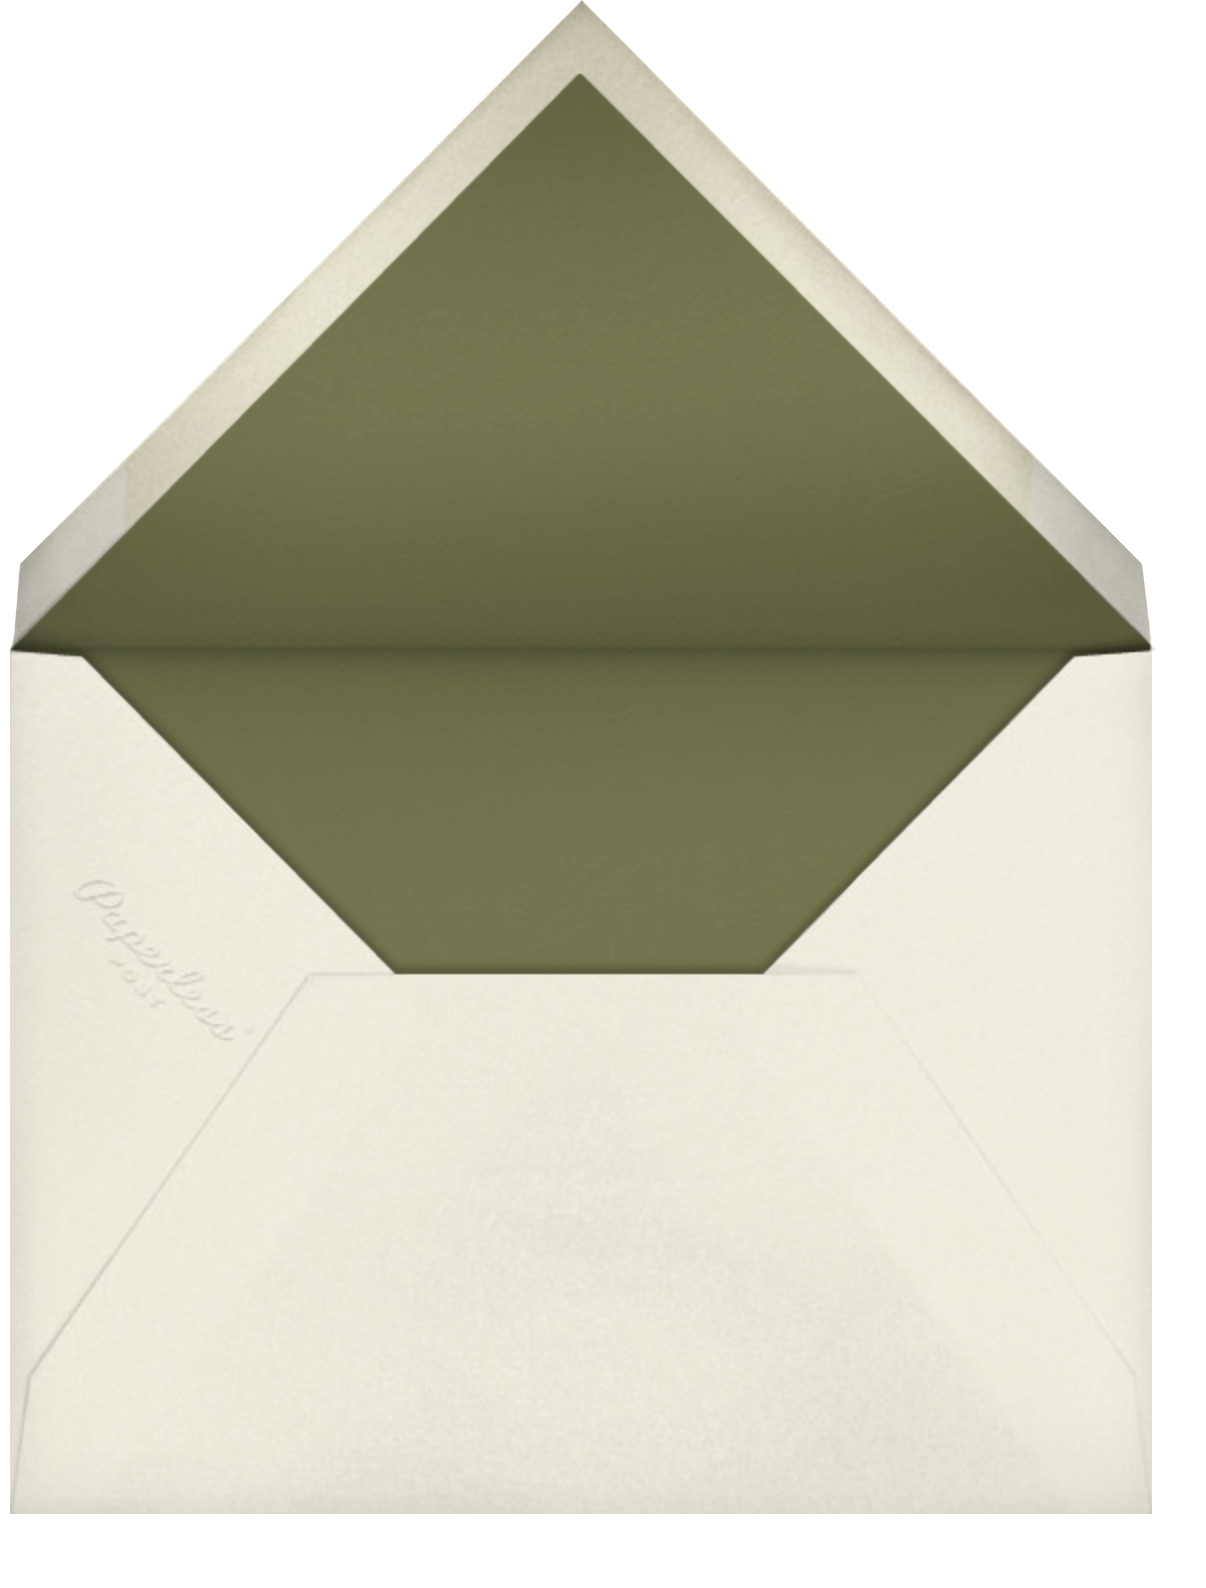 Stamped - Cream - Oscar de la Renta - Envelope